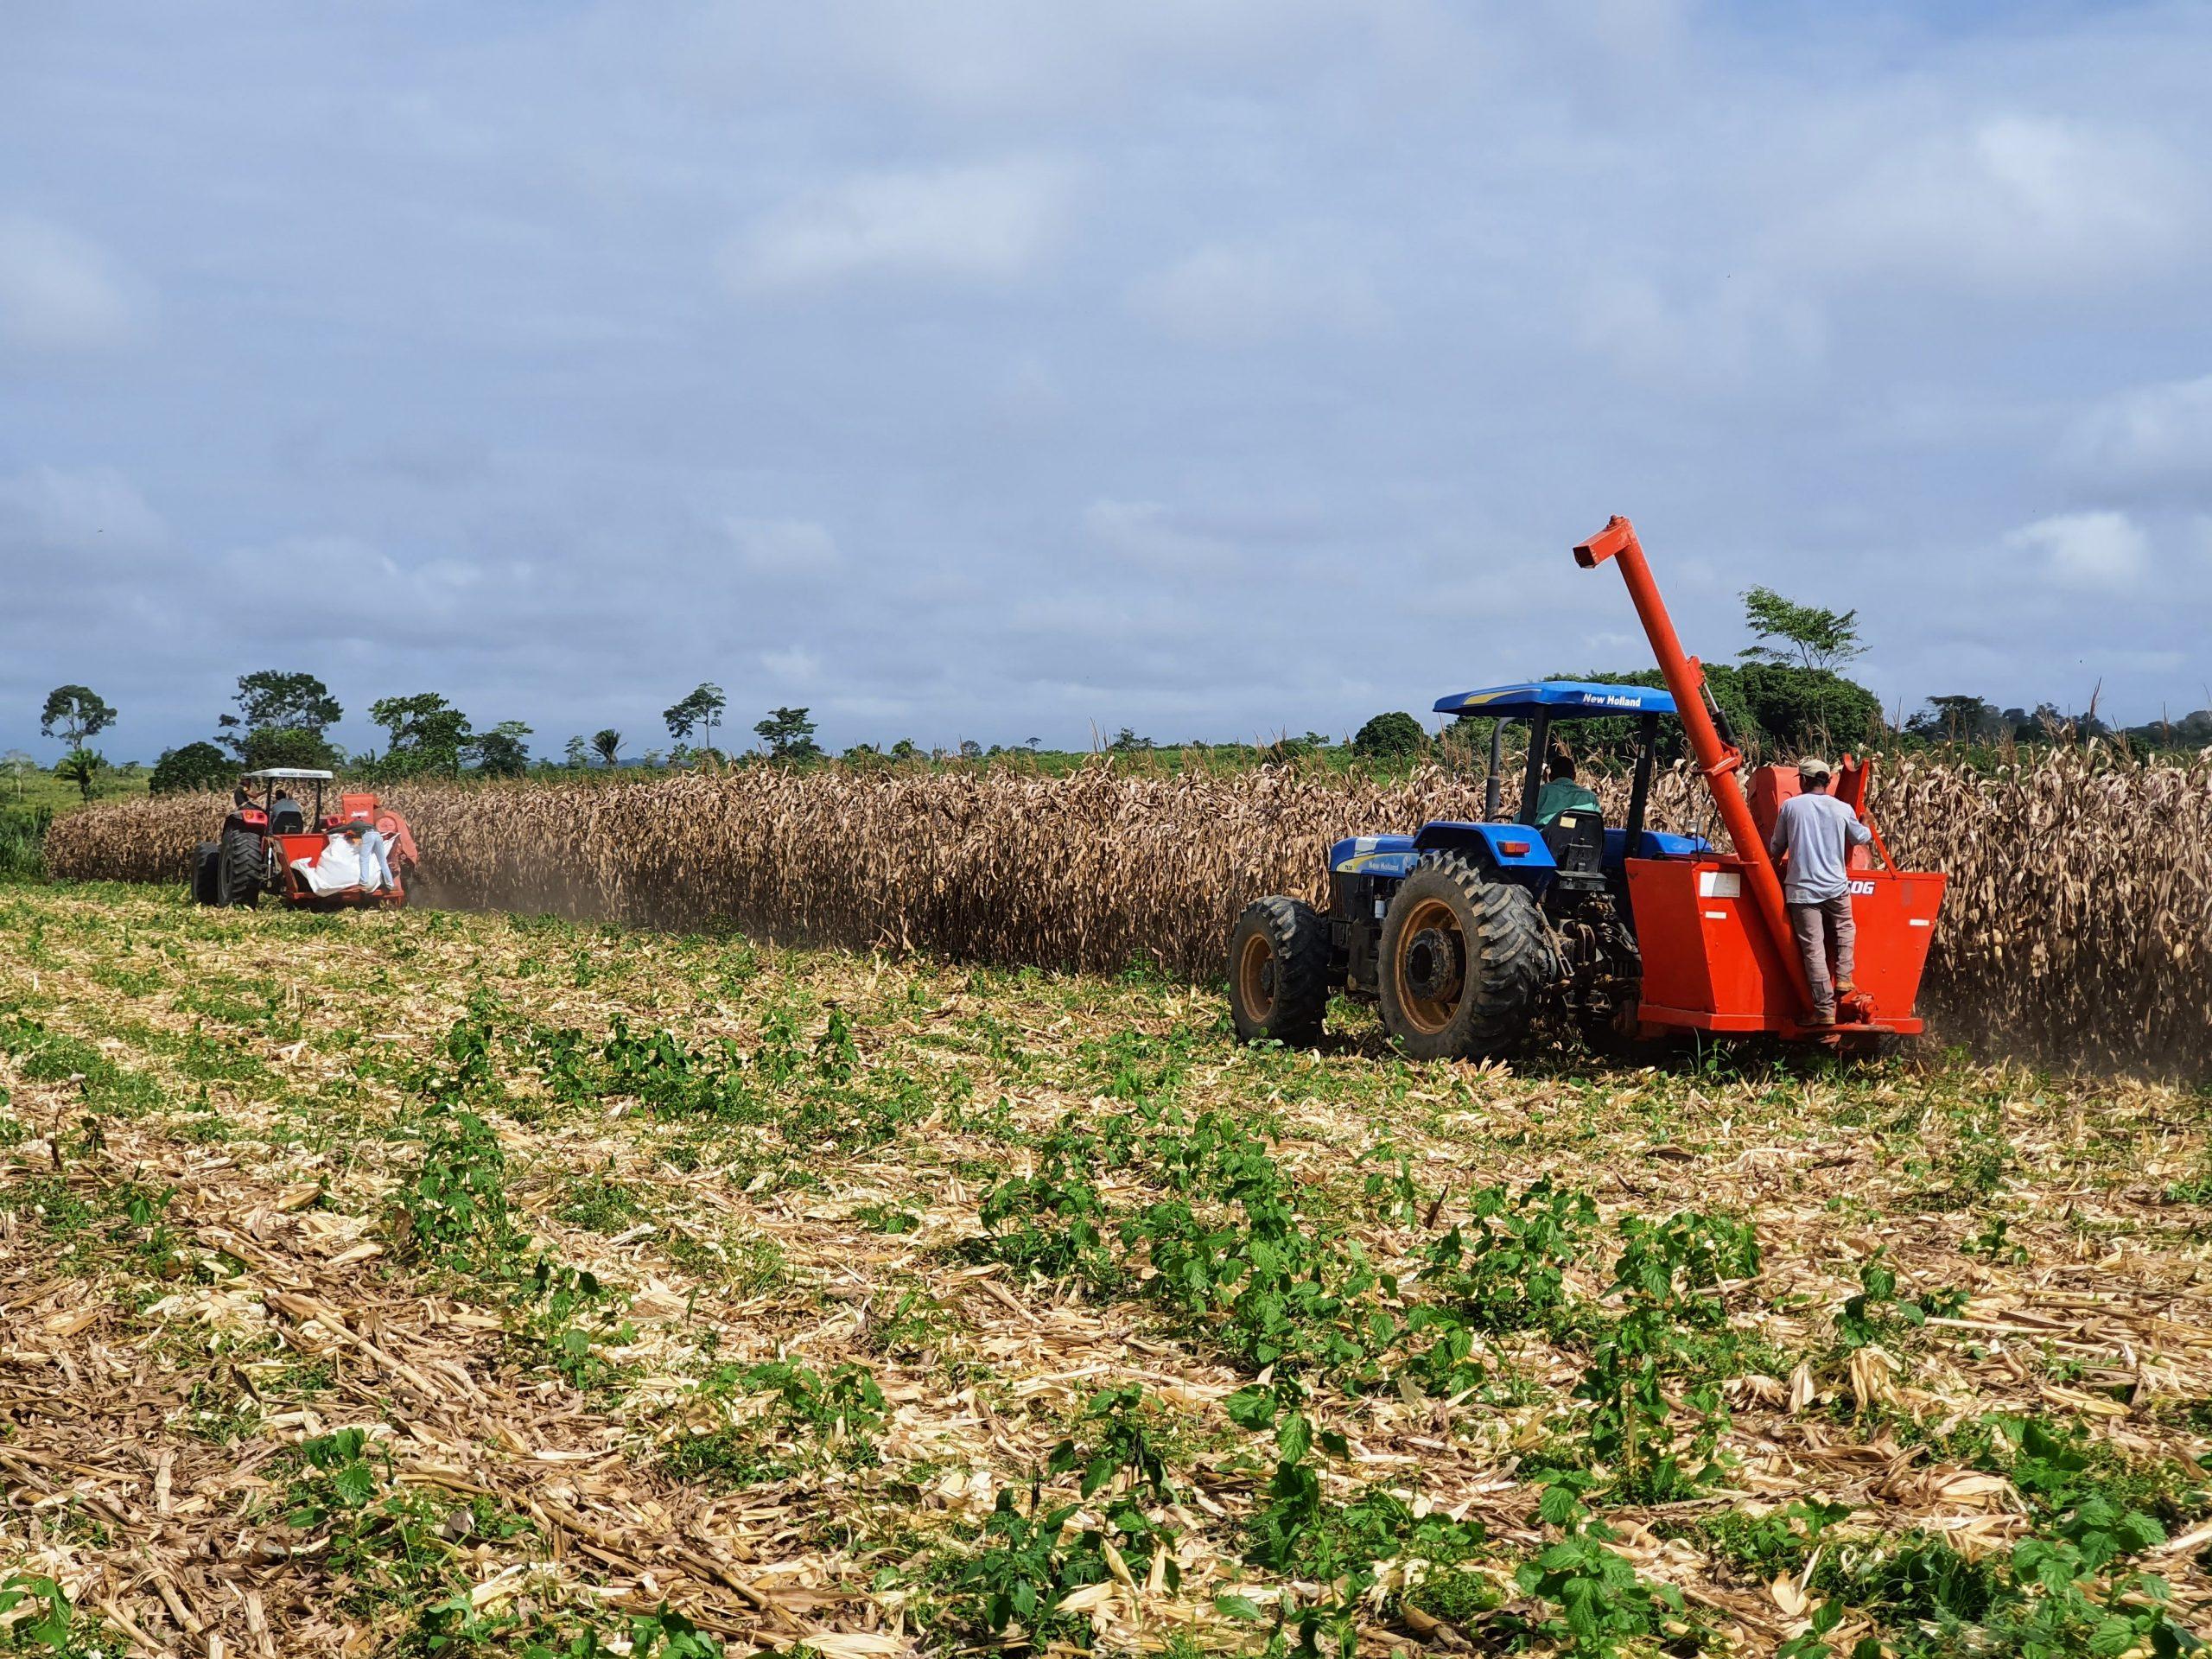 Com apoio do governo, produtor aposta no milho e inspira agricultores da região